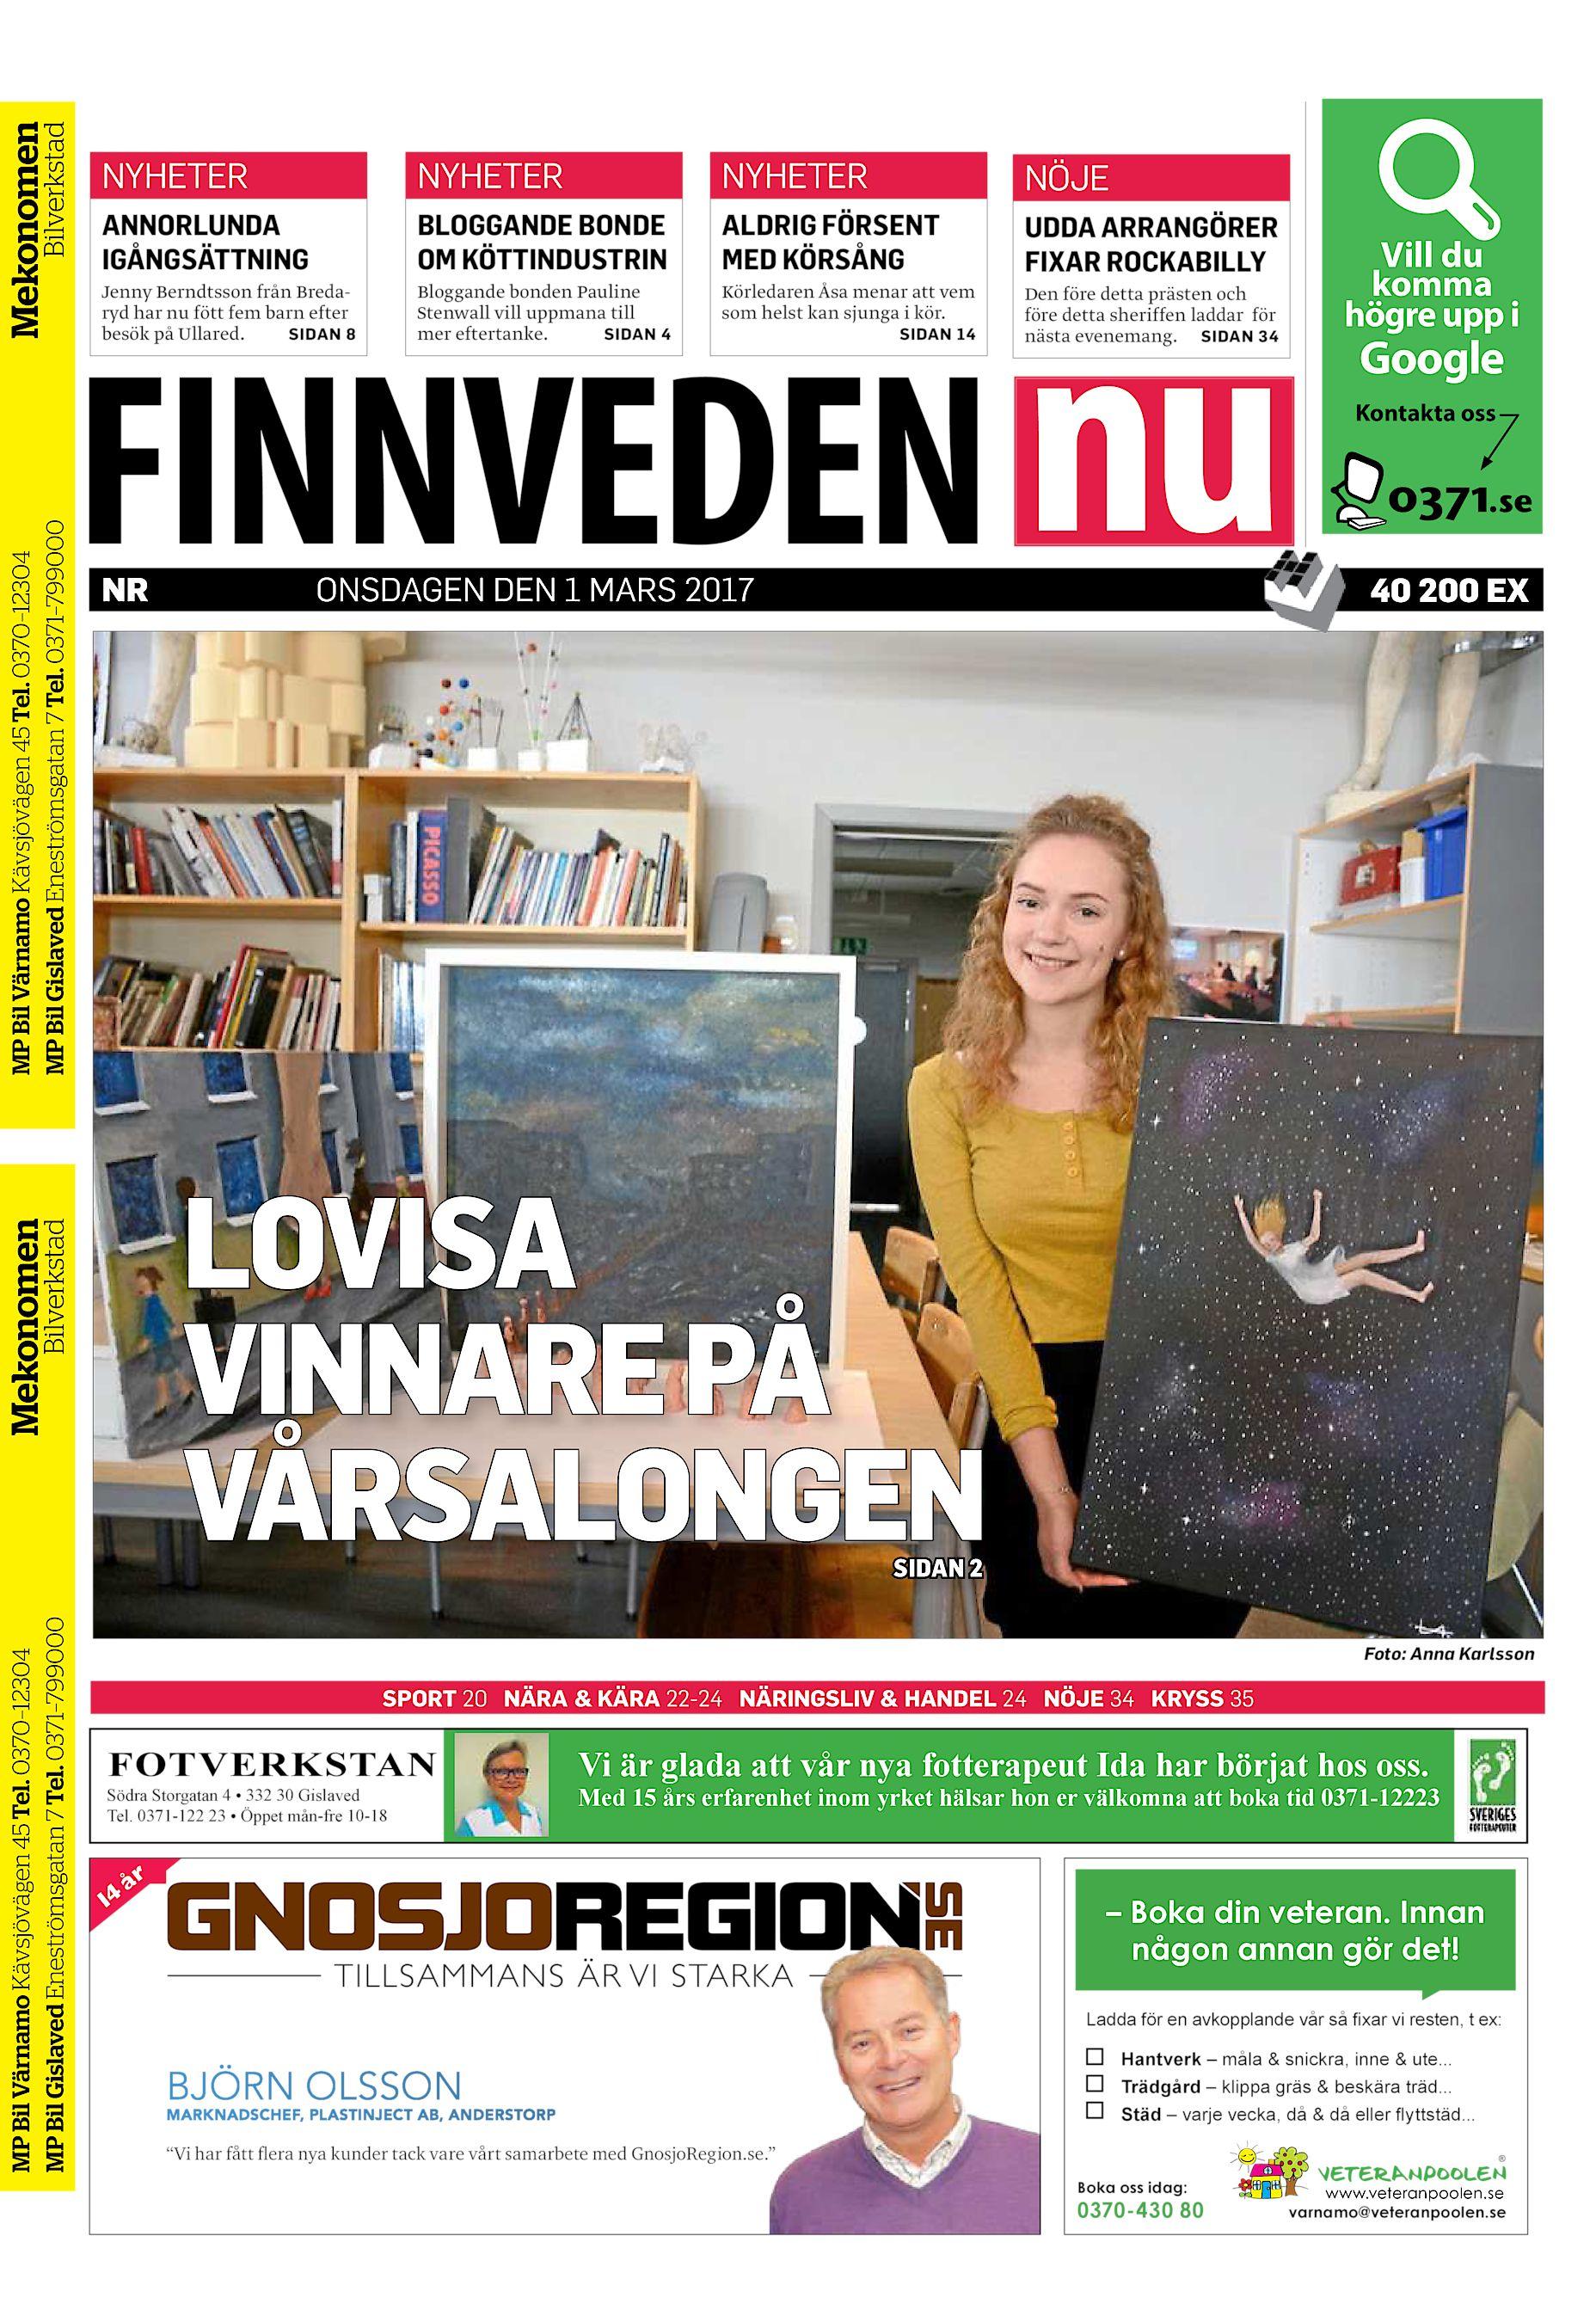 Finnveden.nu FNU 20170301 (endast text)